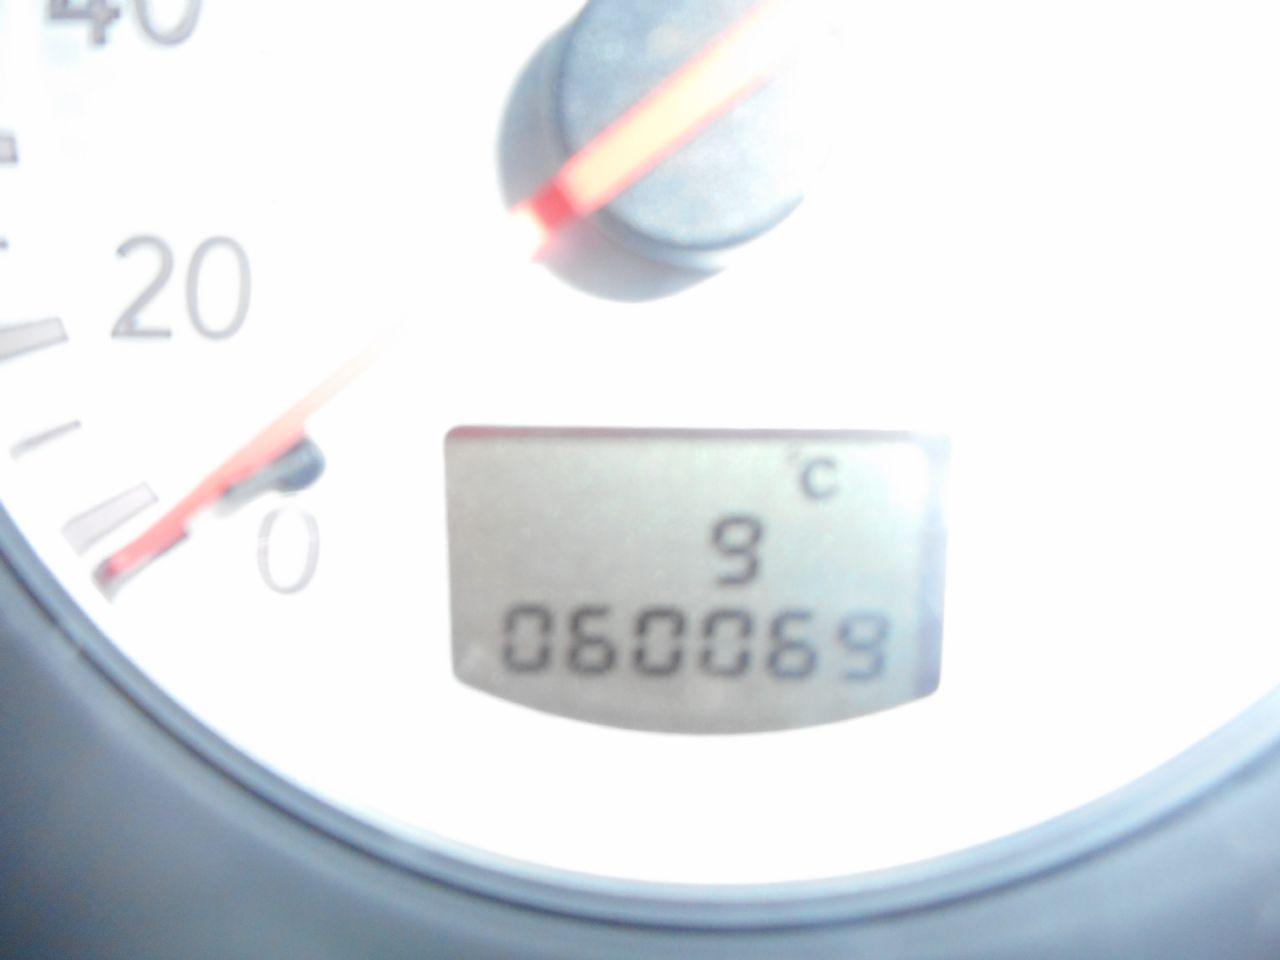 MITSUBISHI OUTLANDER 2.4 MIVEC Sport SE Auto (2006) - Picture 11